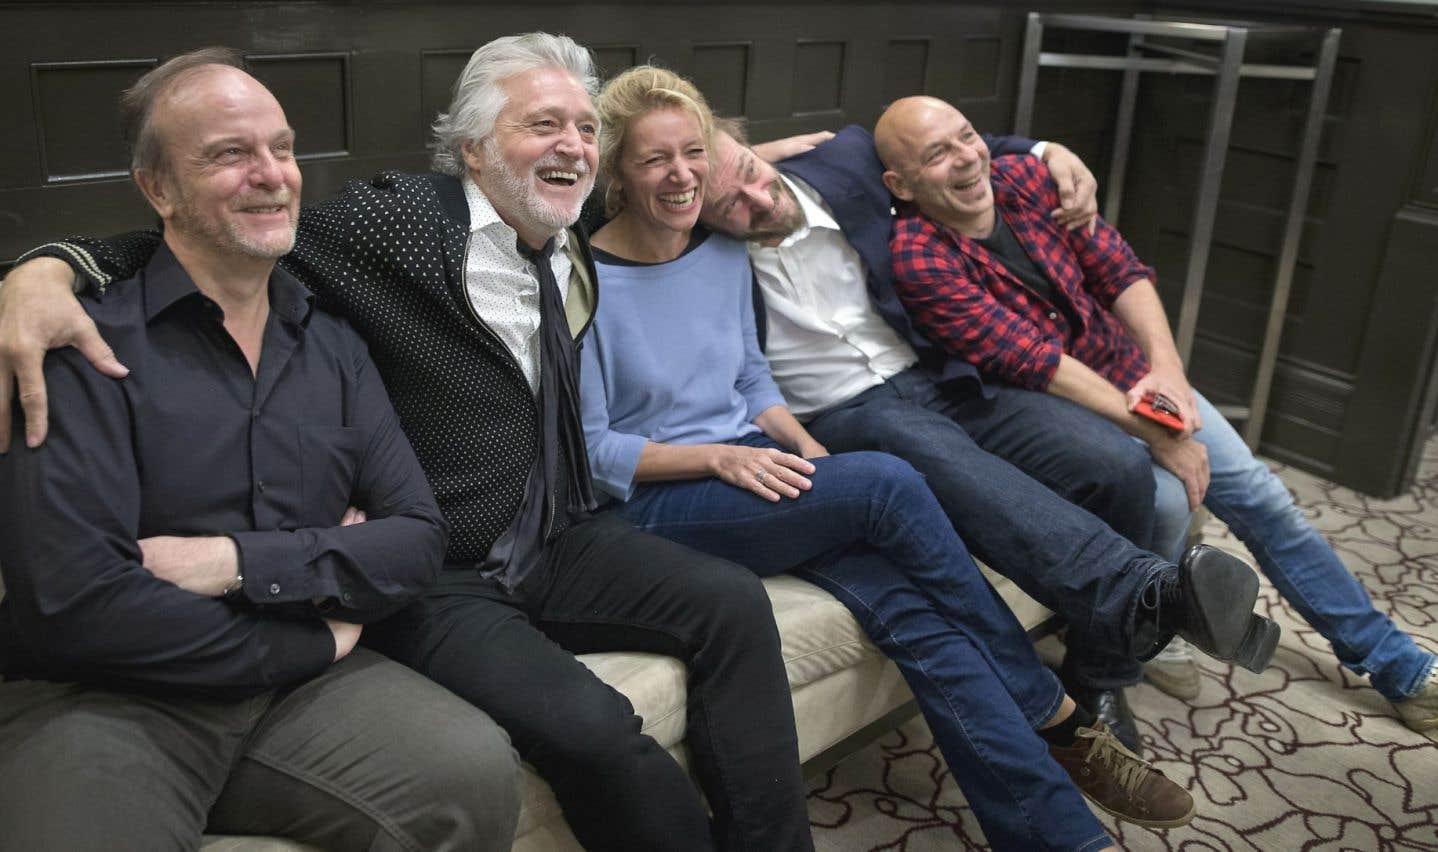 Les comédiens Olivier Giel, Elsa Lepoivre, Éric Ruf et Christian Hecq étaient accompagnés de Gilbert Rozon en conférence de presse.